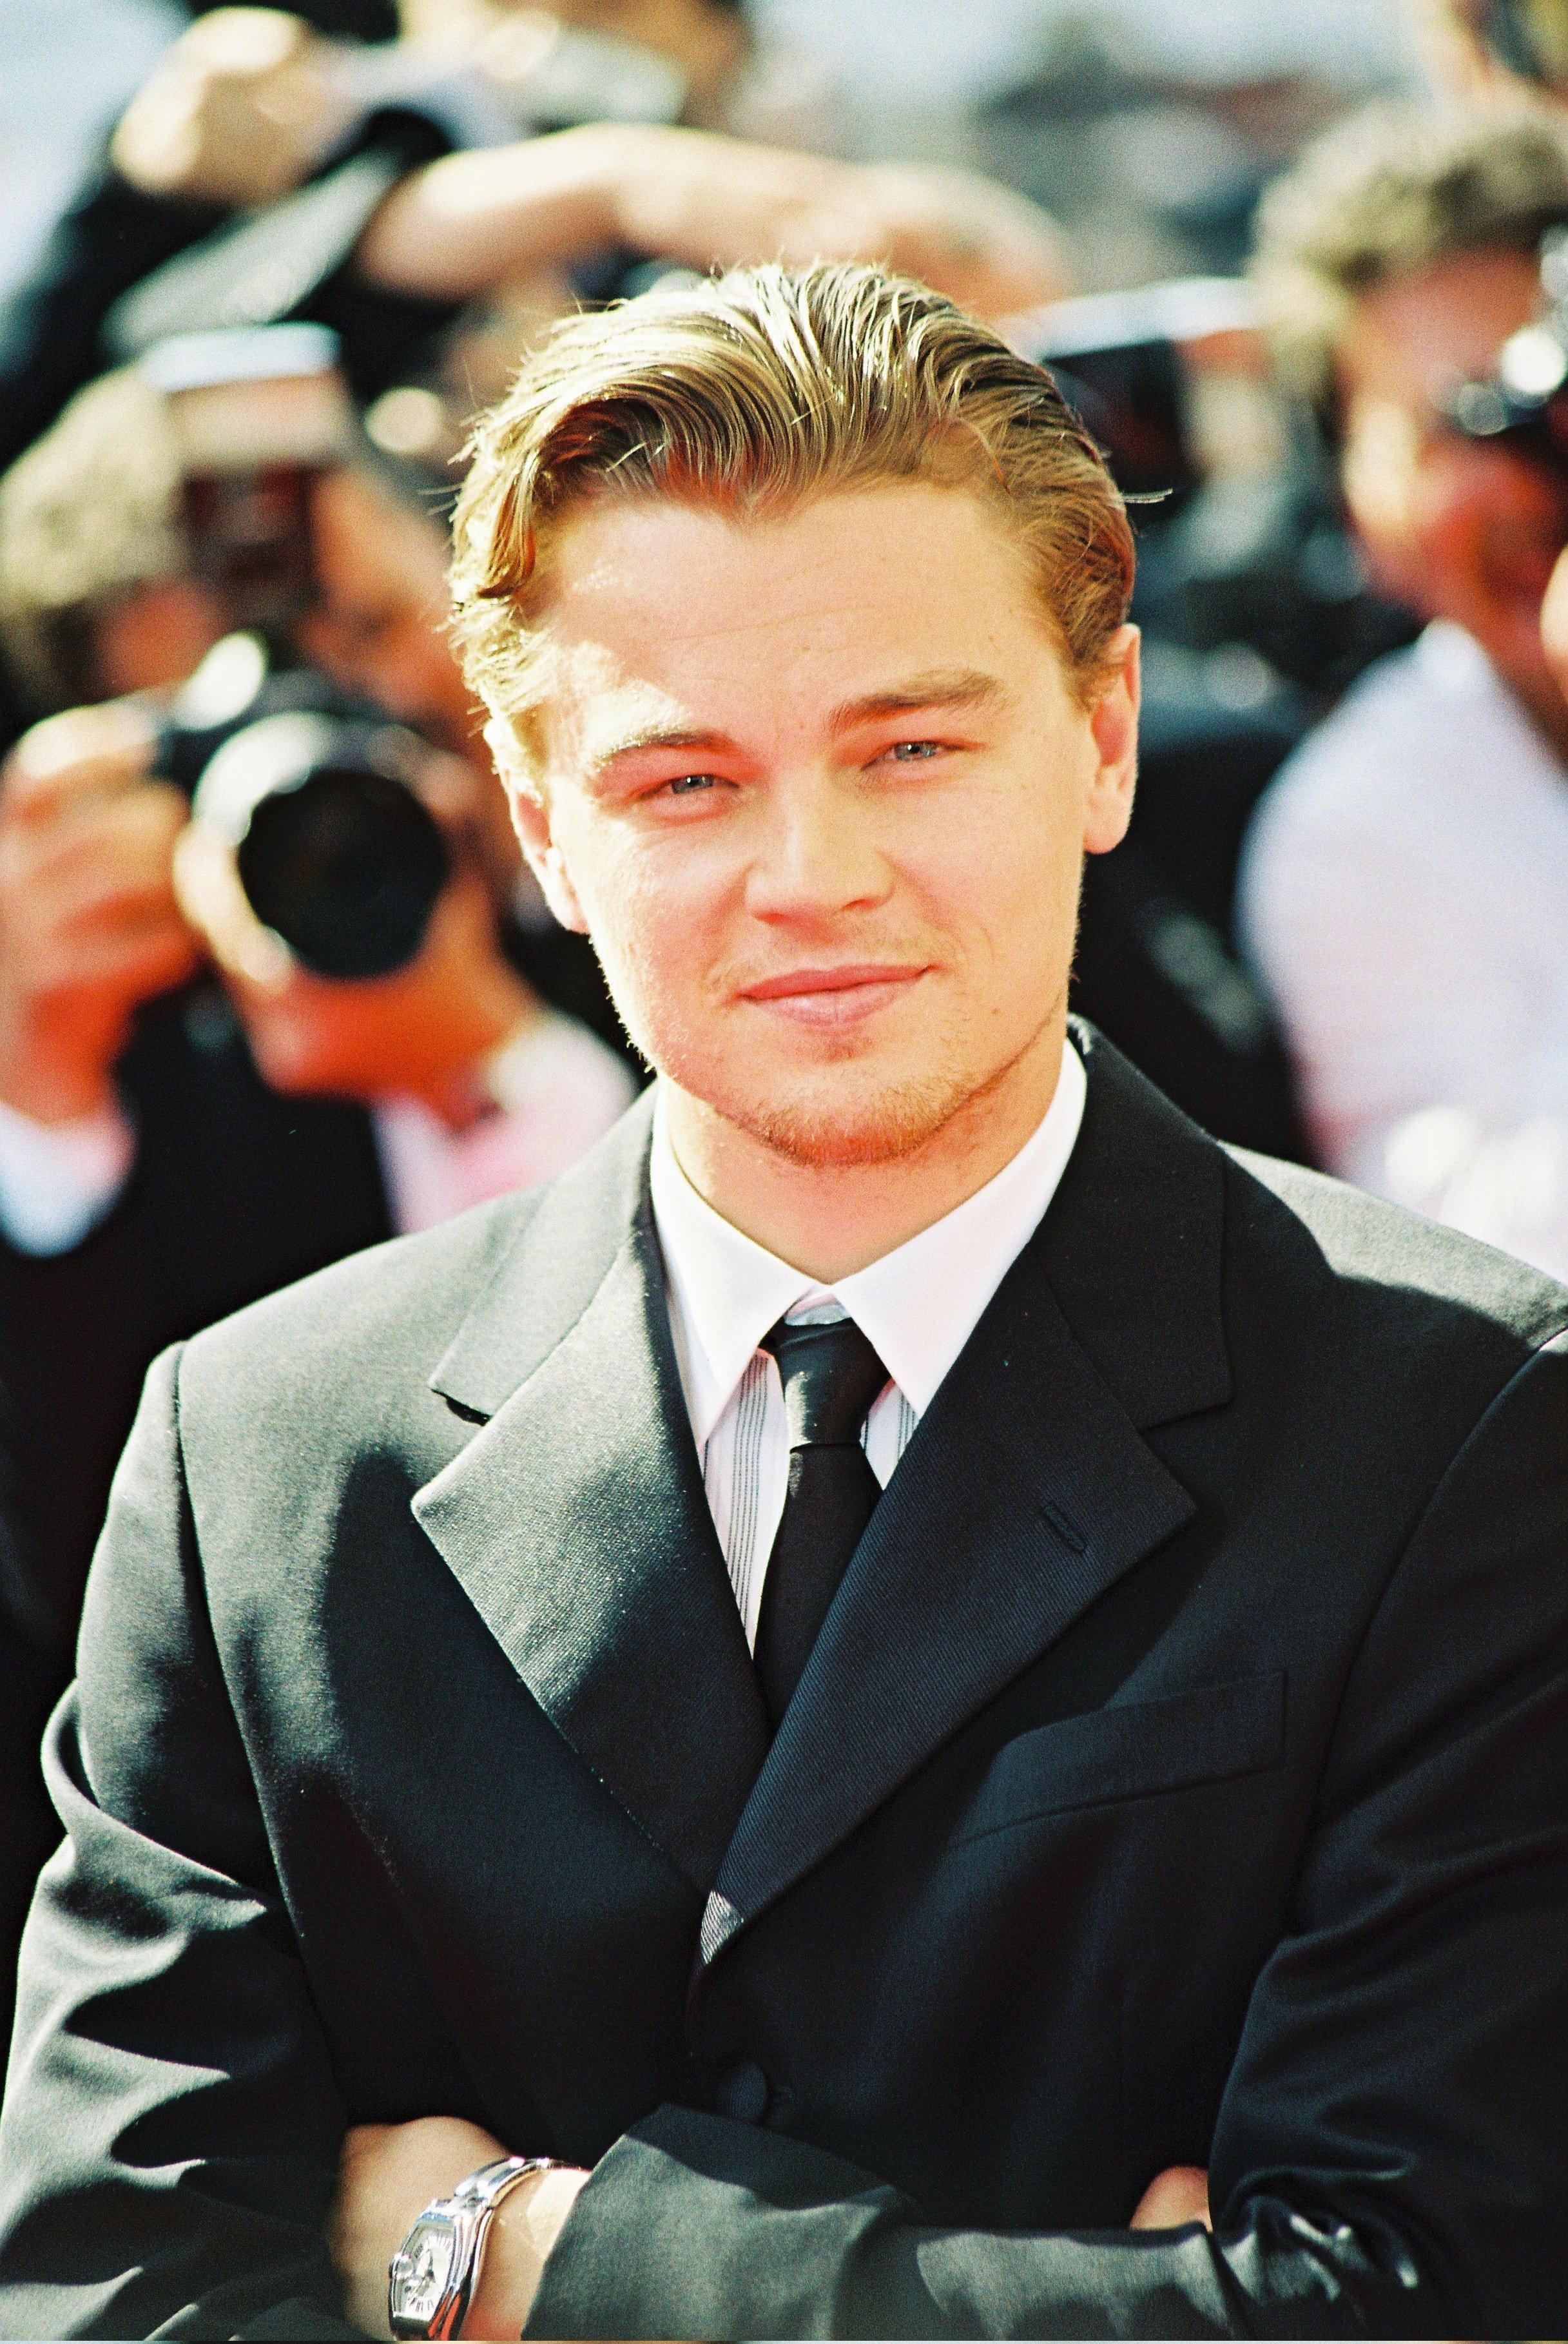 Leonardo DiCaprio - Young David